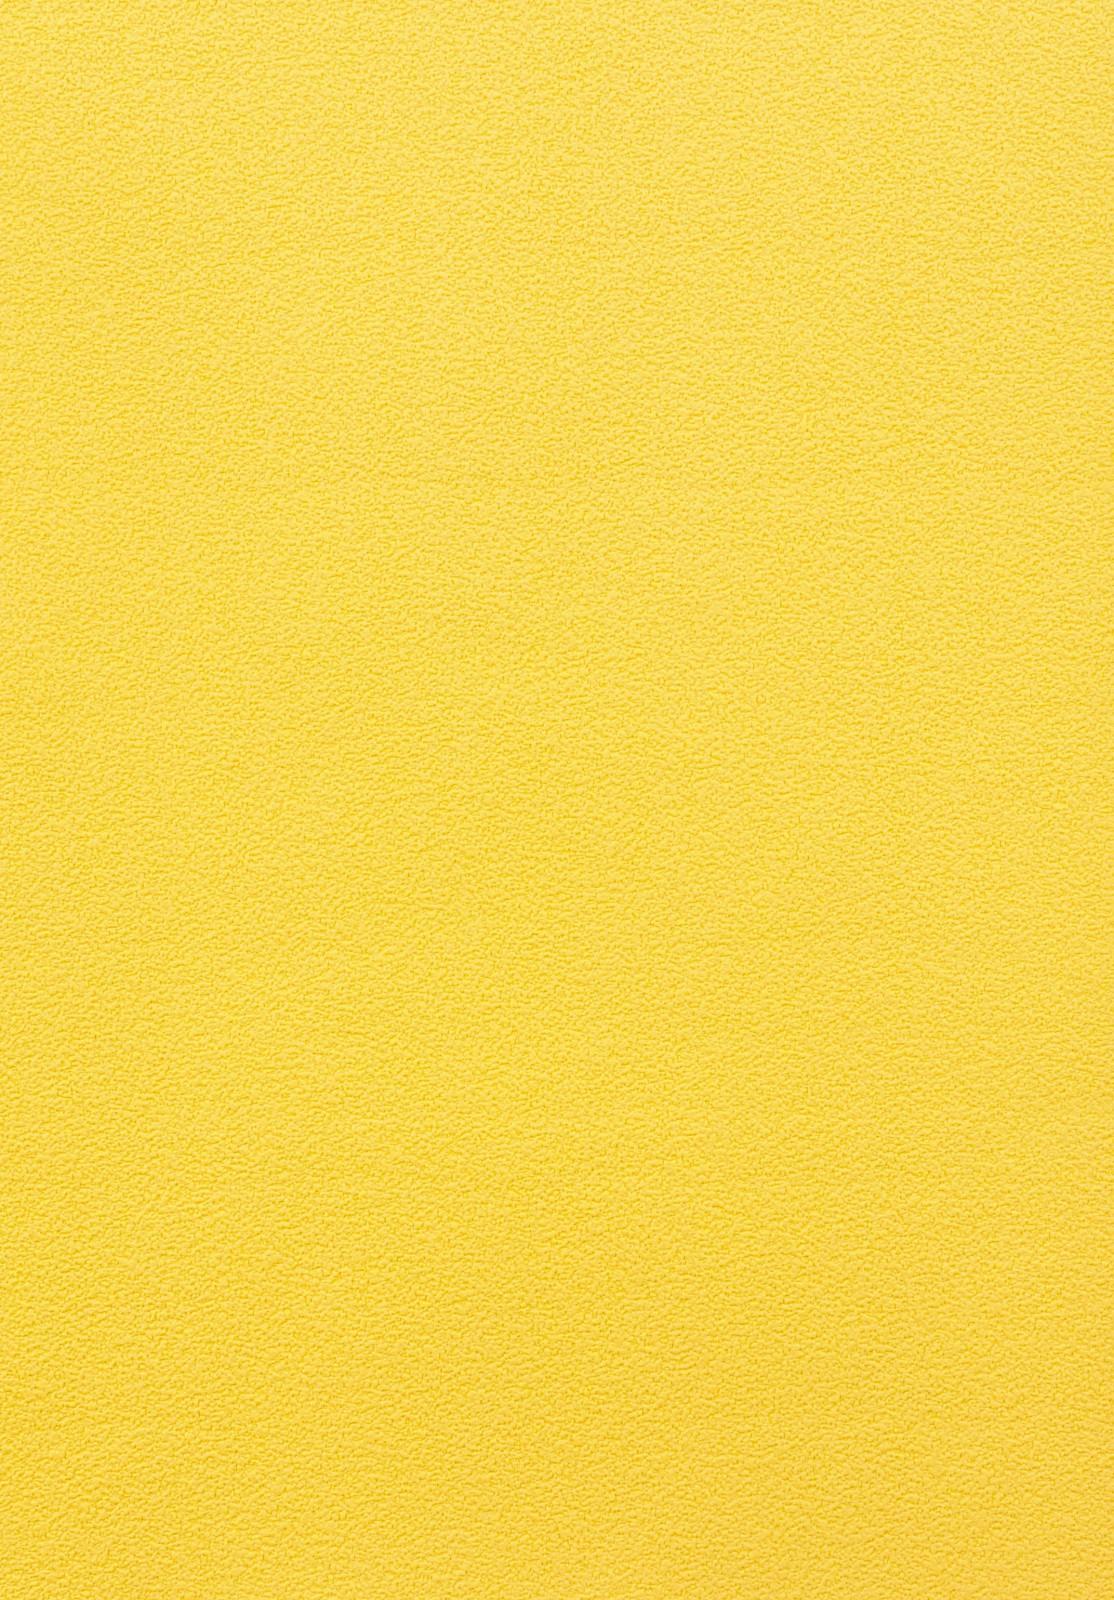 vliestapete gelb uni prego rasch 469028